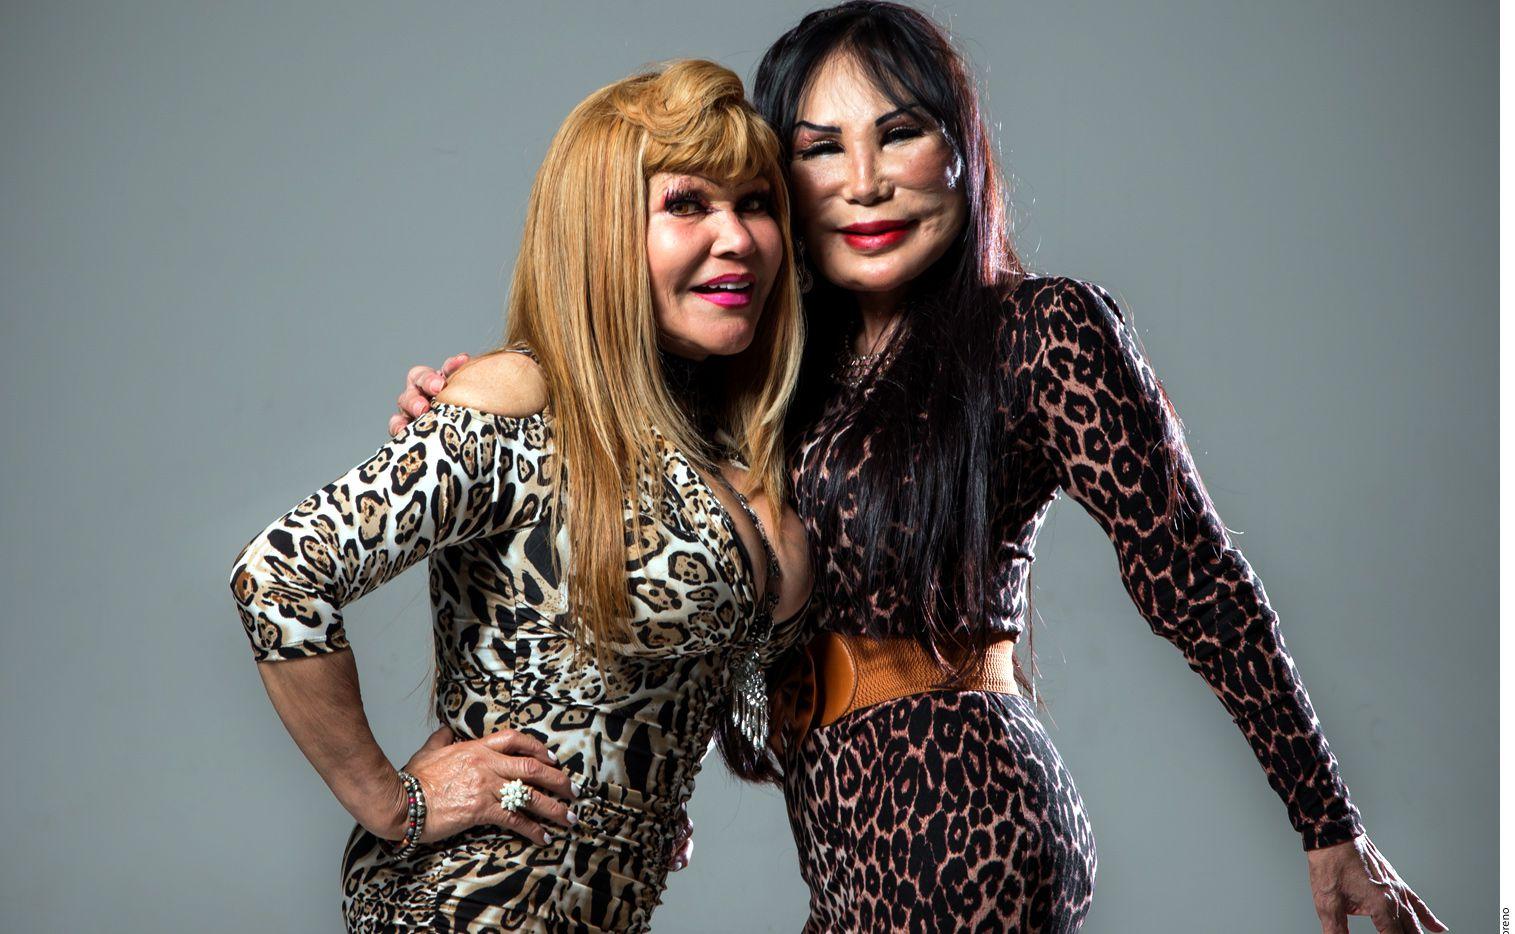 """""""Las Reinas de las Redes"""" eligieron tierras regias para debutar con su espectáculo en un antro gay. AGENCIA REFORMA"""